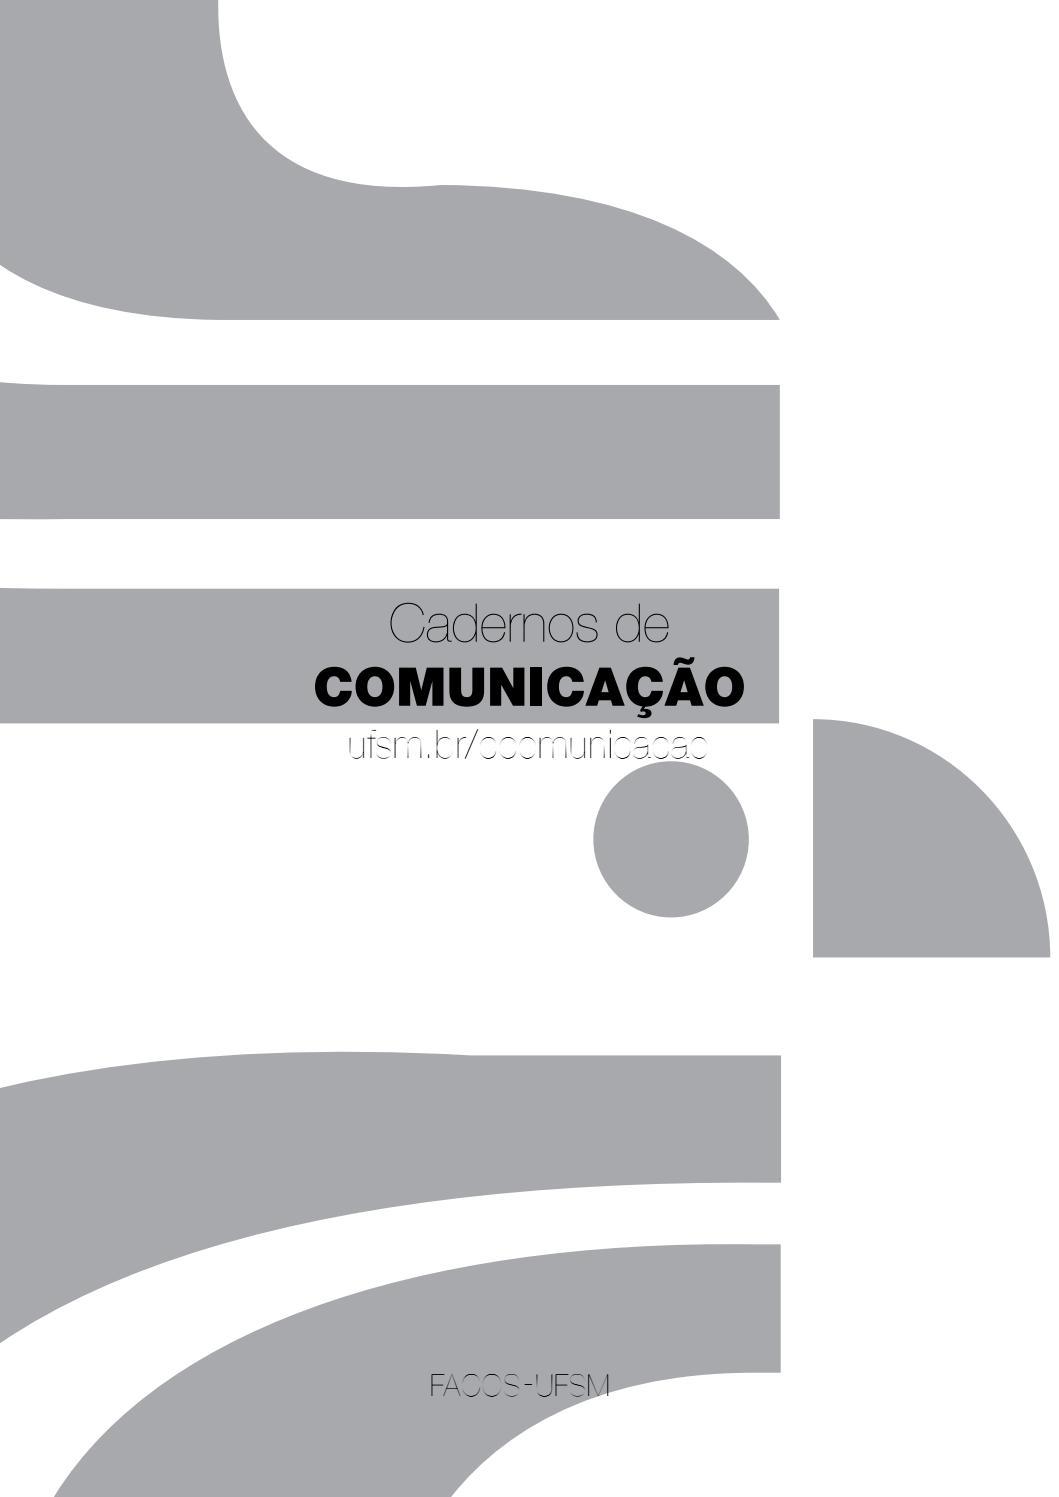 67fcbd705 Cadernos de Comunicação v.18 n.2 2014 by Flavio Teixeira Quarazemin - issuu